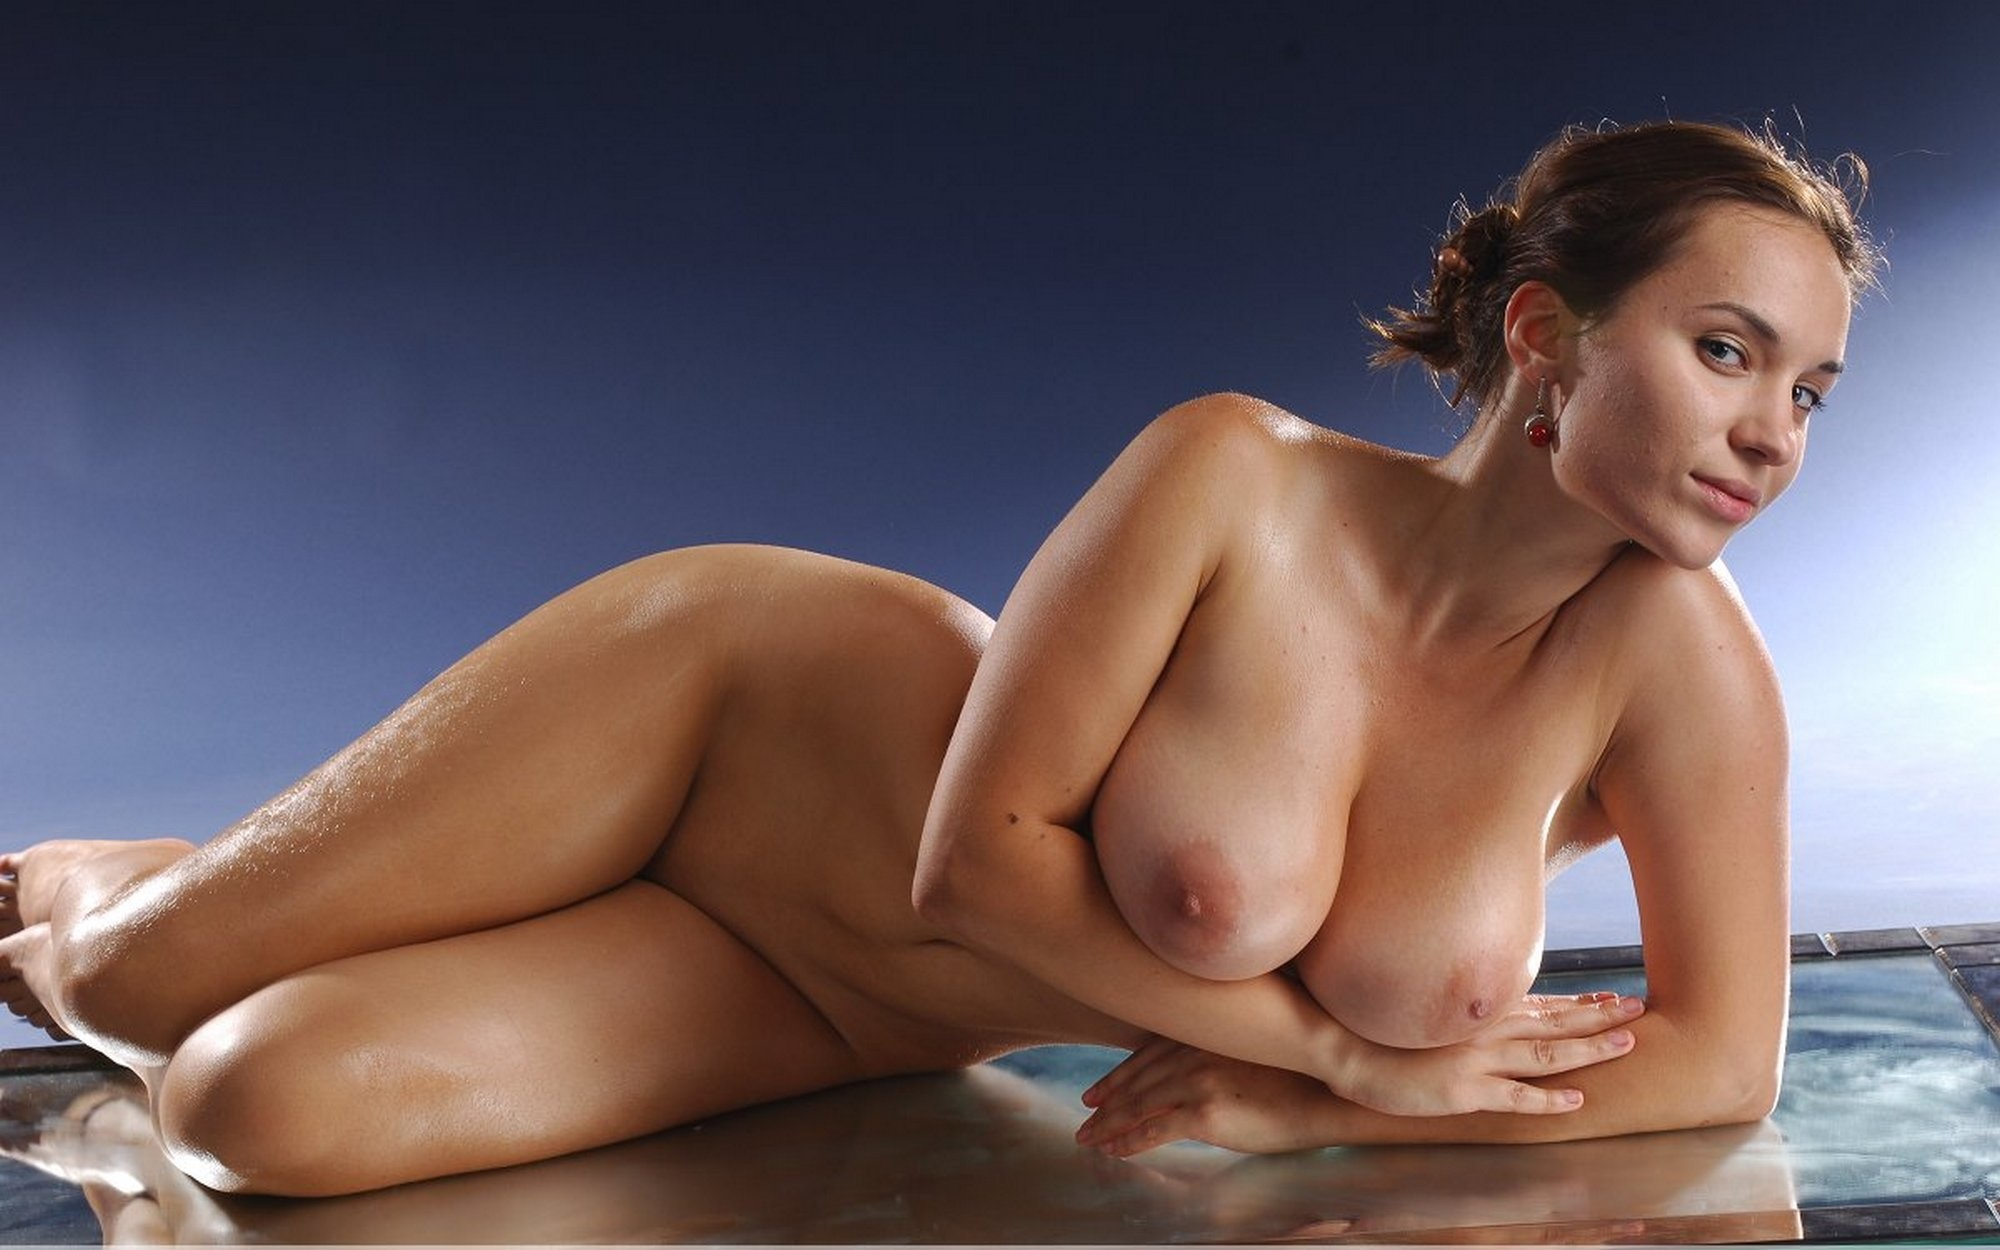 Big naked ladies